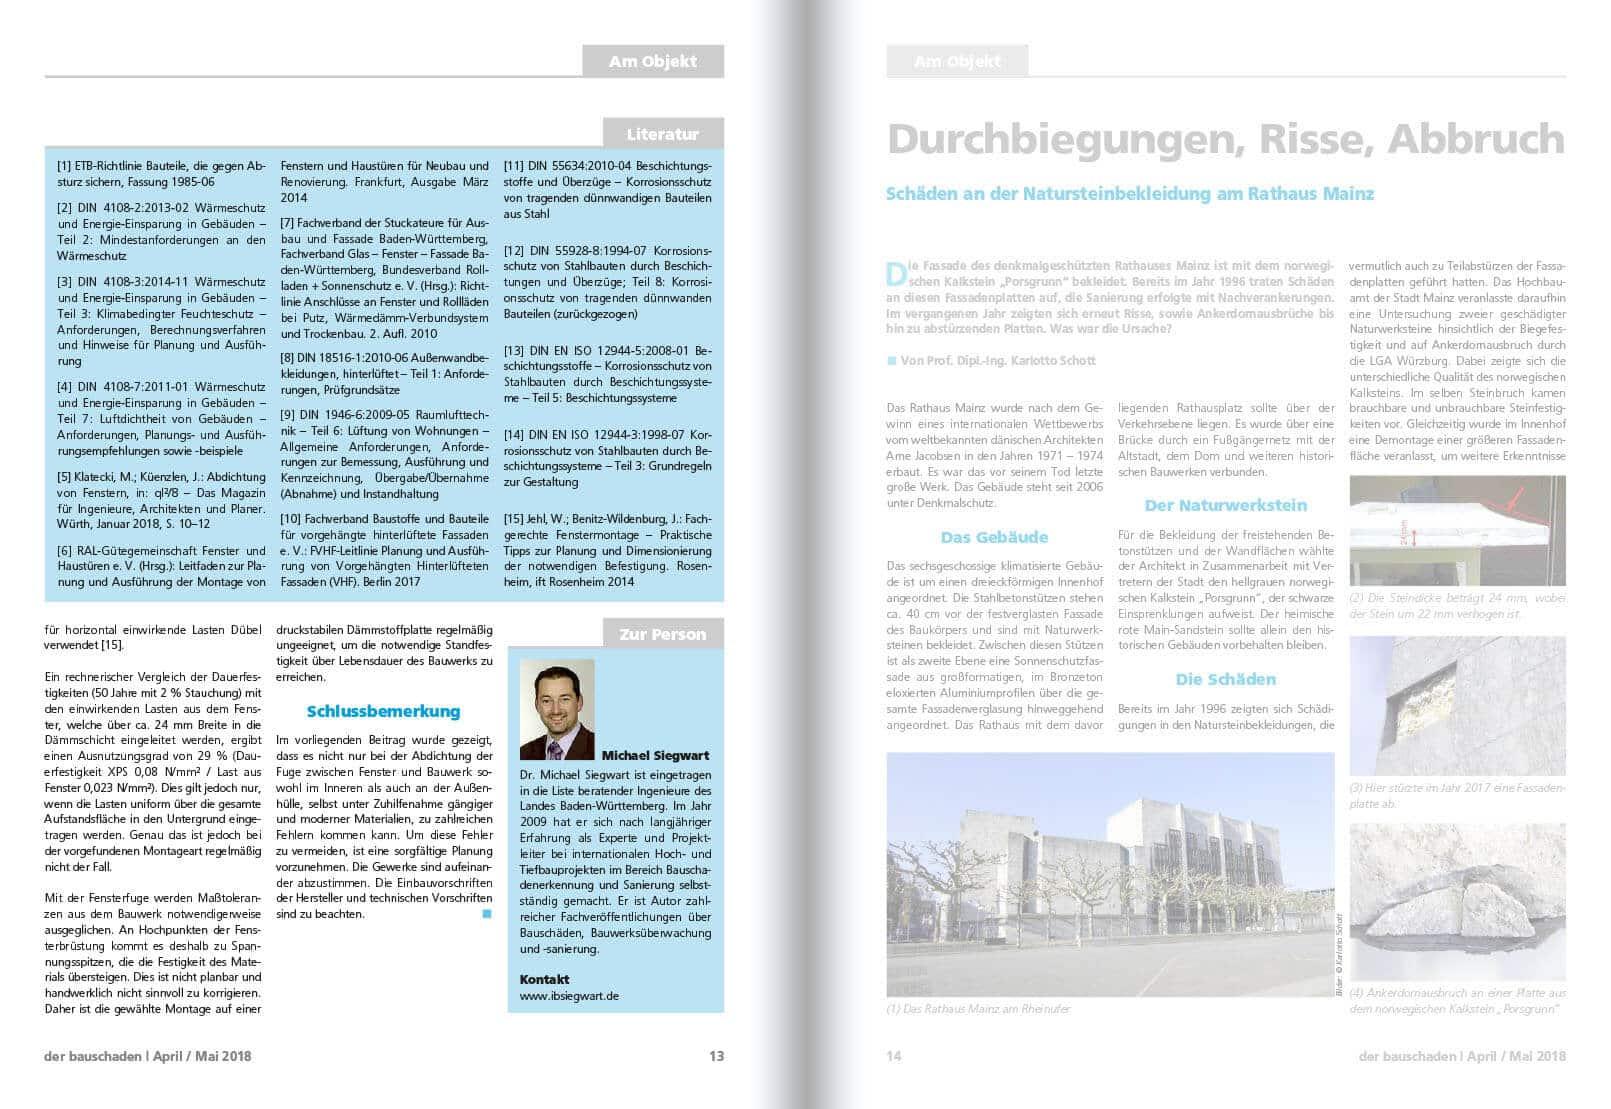 2018-04_Schwachpunkt_Fensterfuge_004